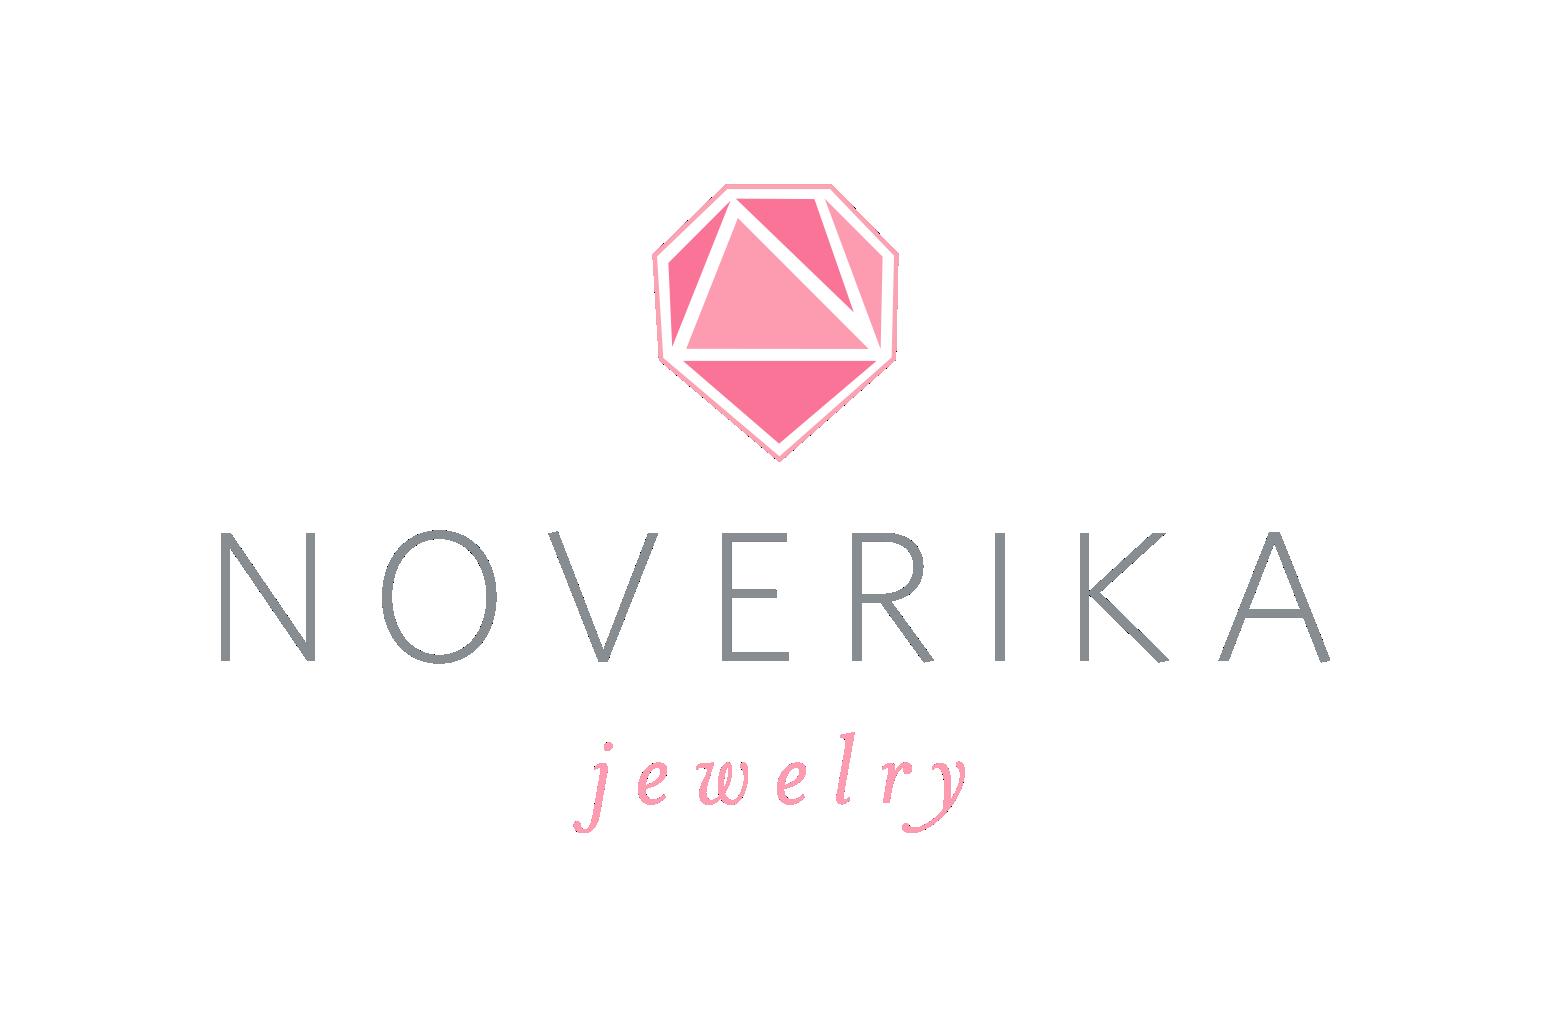 Noverika Jewelry